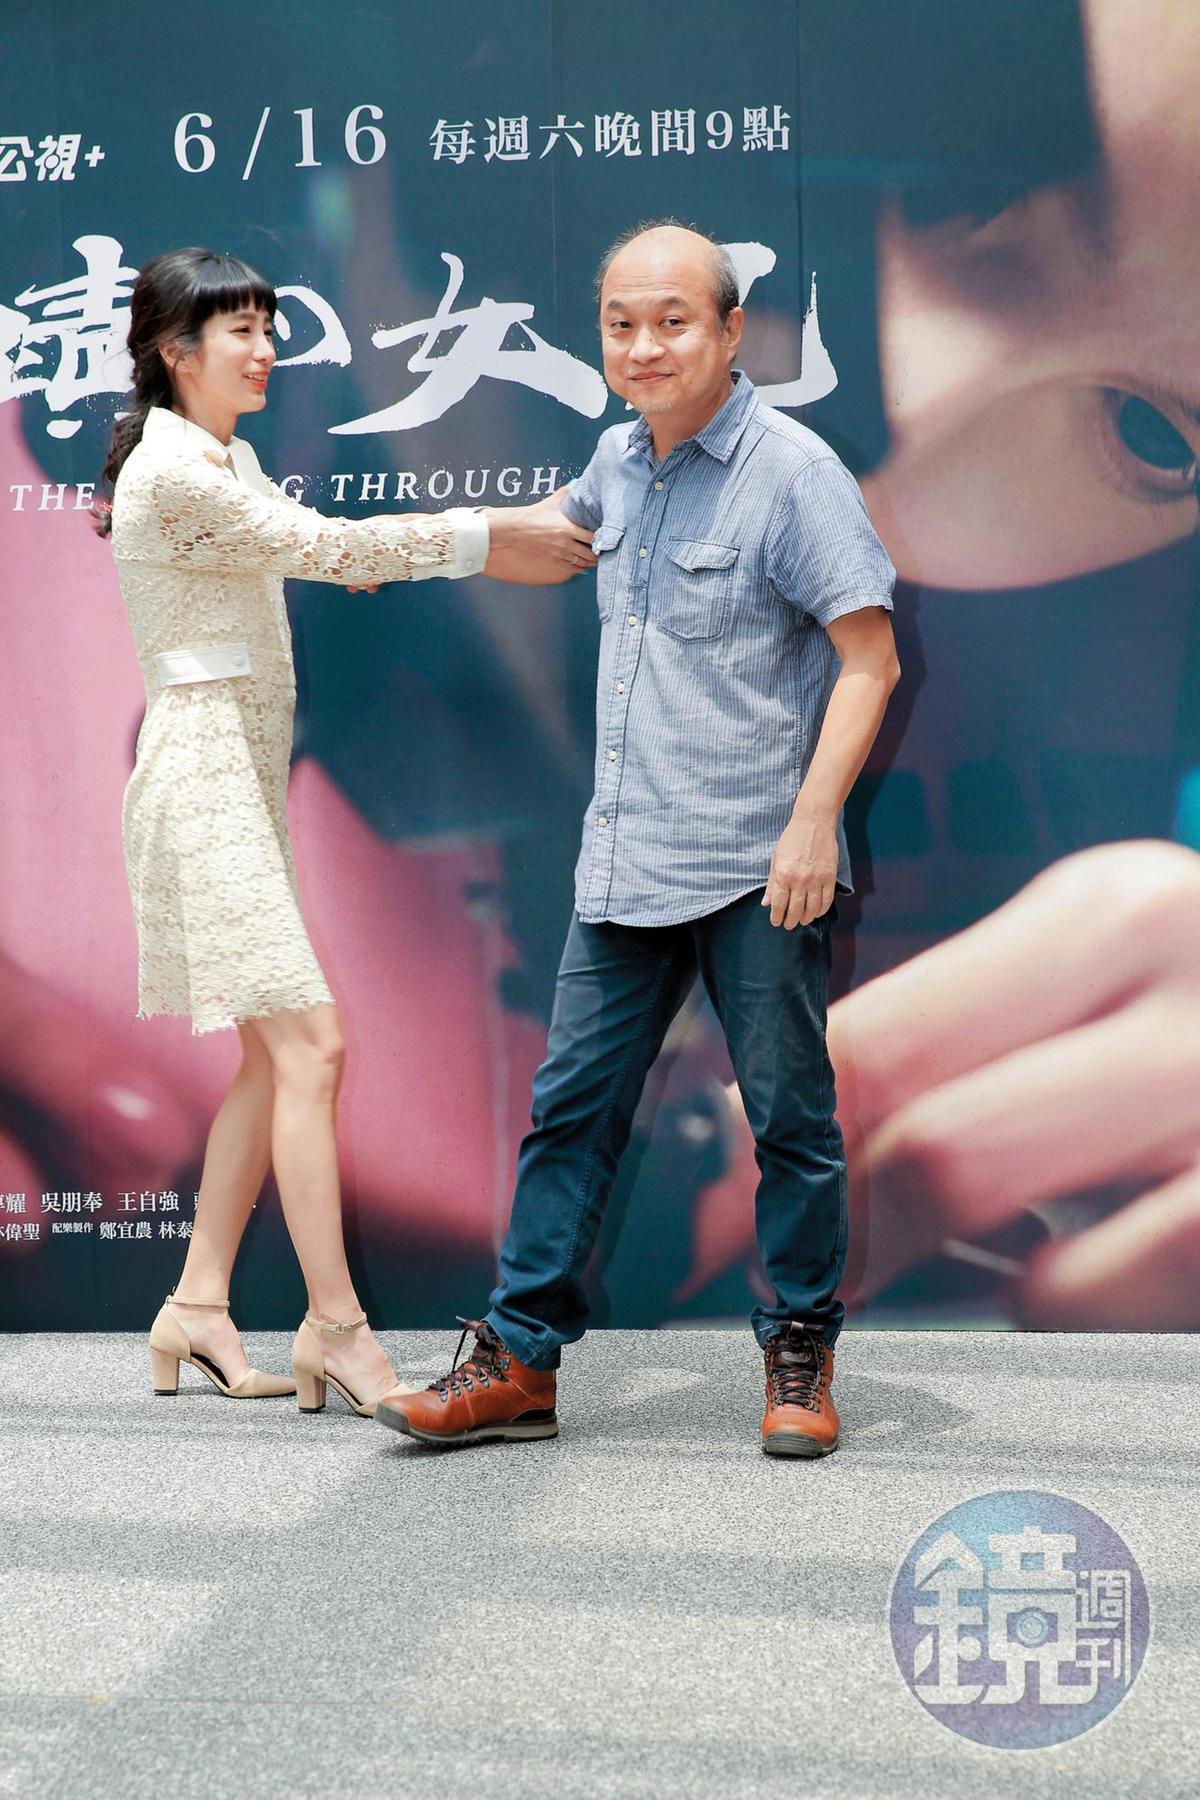 温貞菱在新戲的台上一直跟鄭文堂拉拉扯扯,看得出拍了戲後忘年交情深厚。